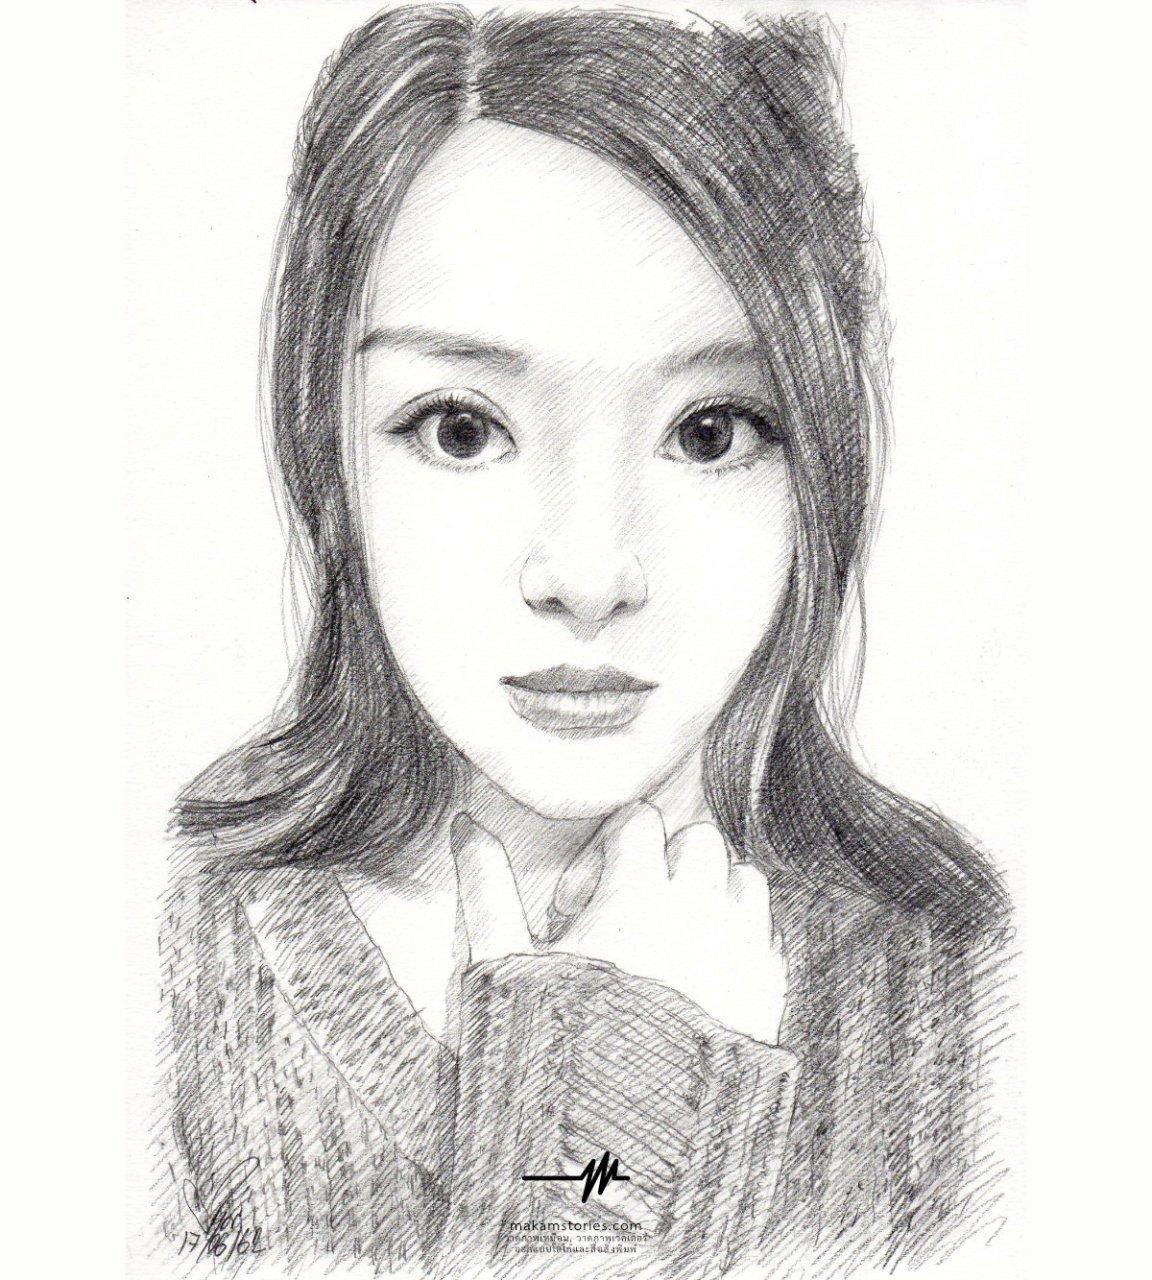 วาดภาพเหมือนลายเส้นดินสอ ภาพเหมือนผู้หญิงที่วาดด้วยดินสอ